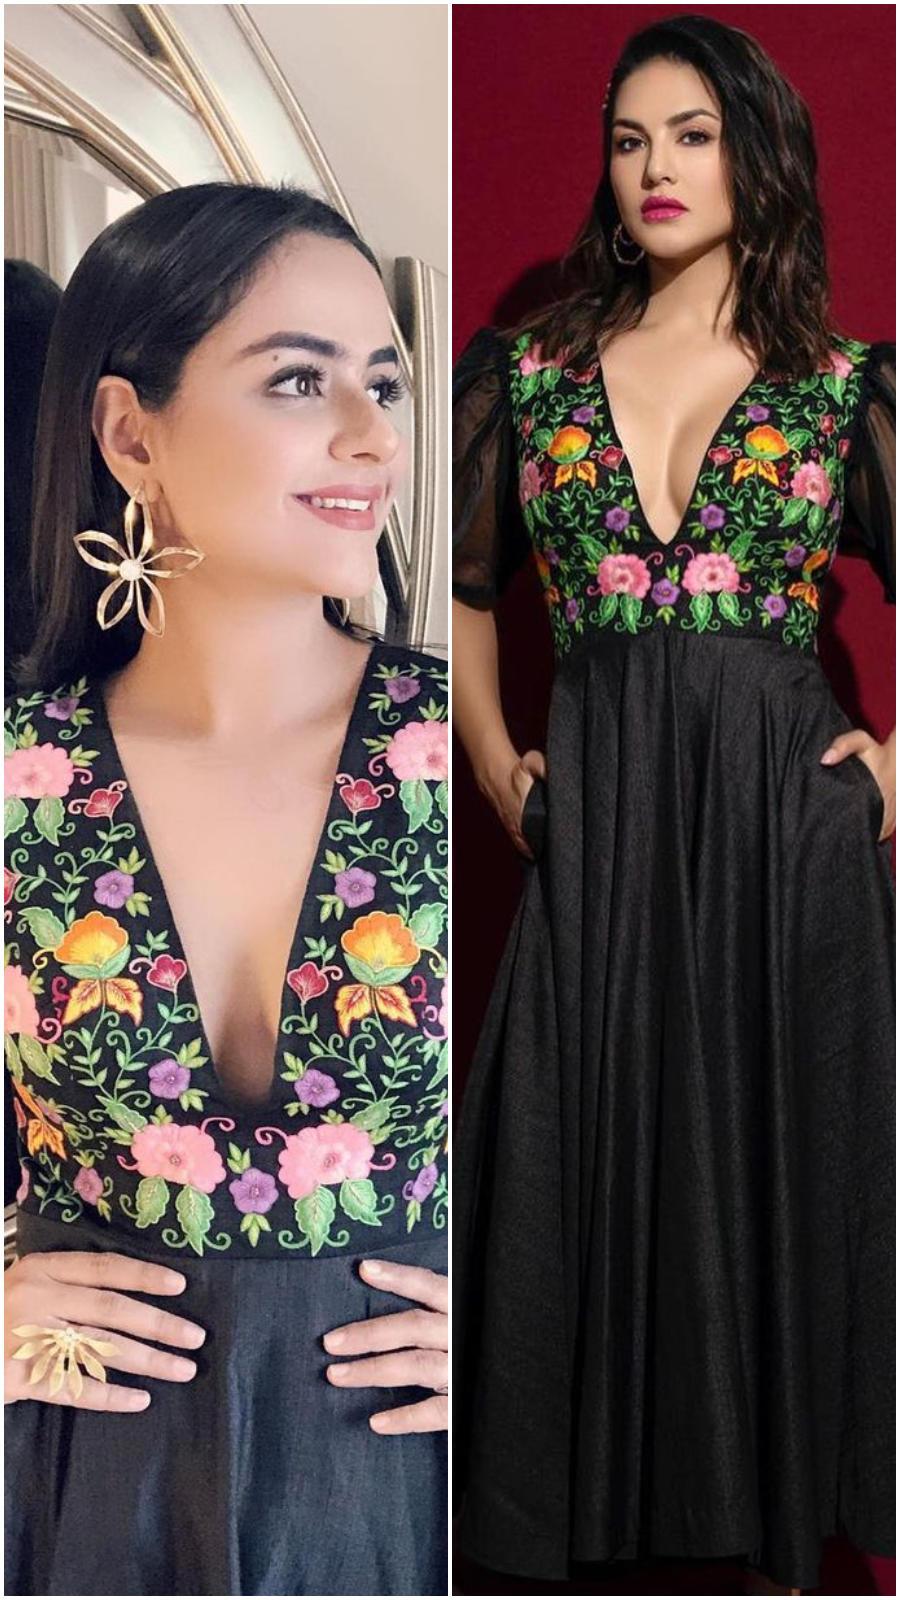 Prachi Tehlan vs Sunny Leone